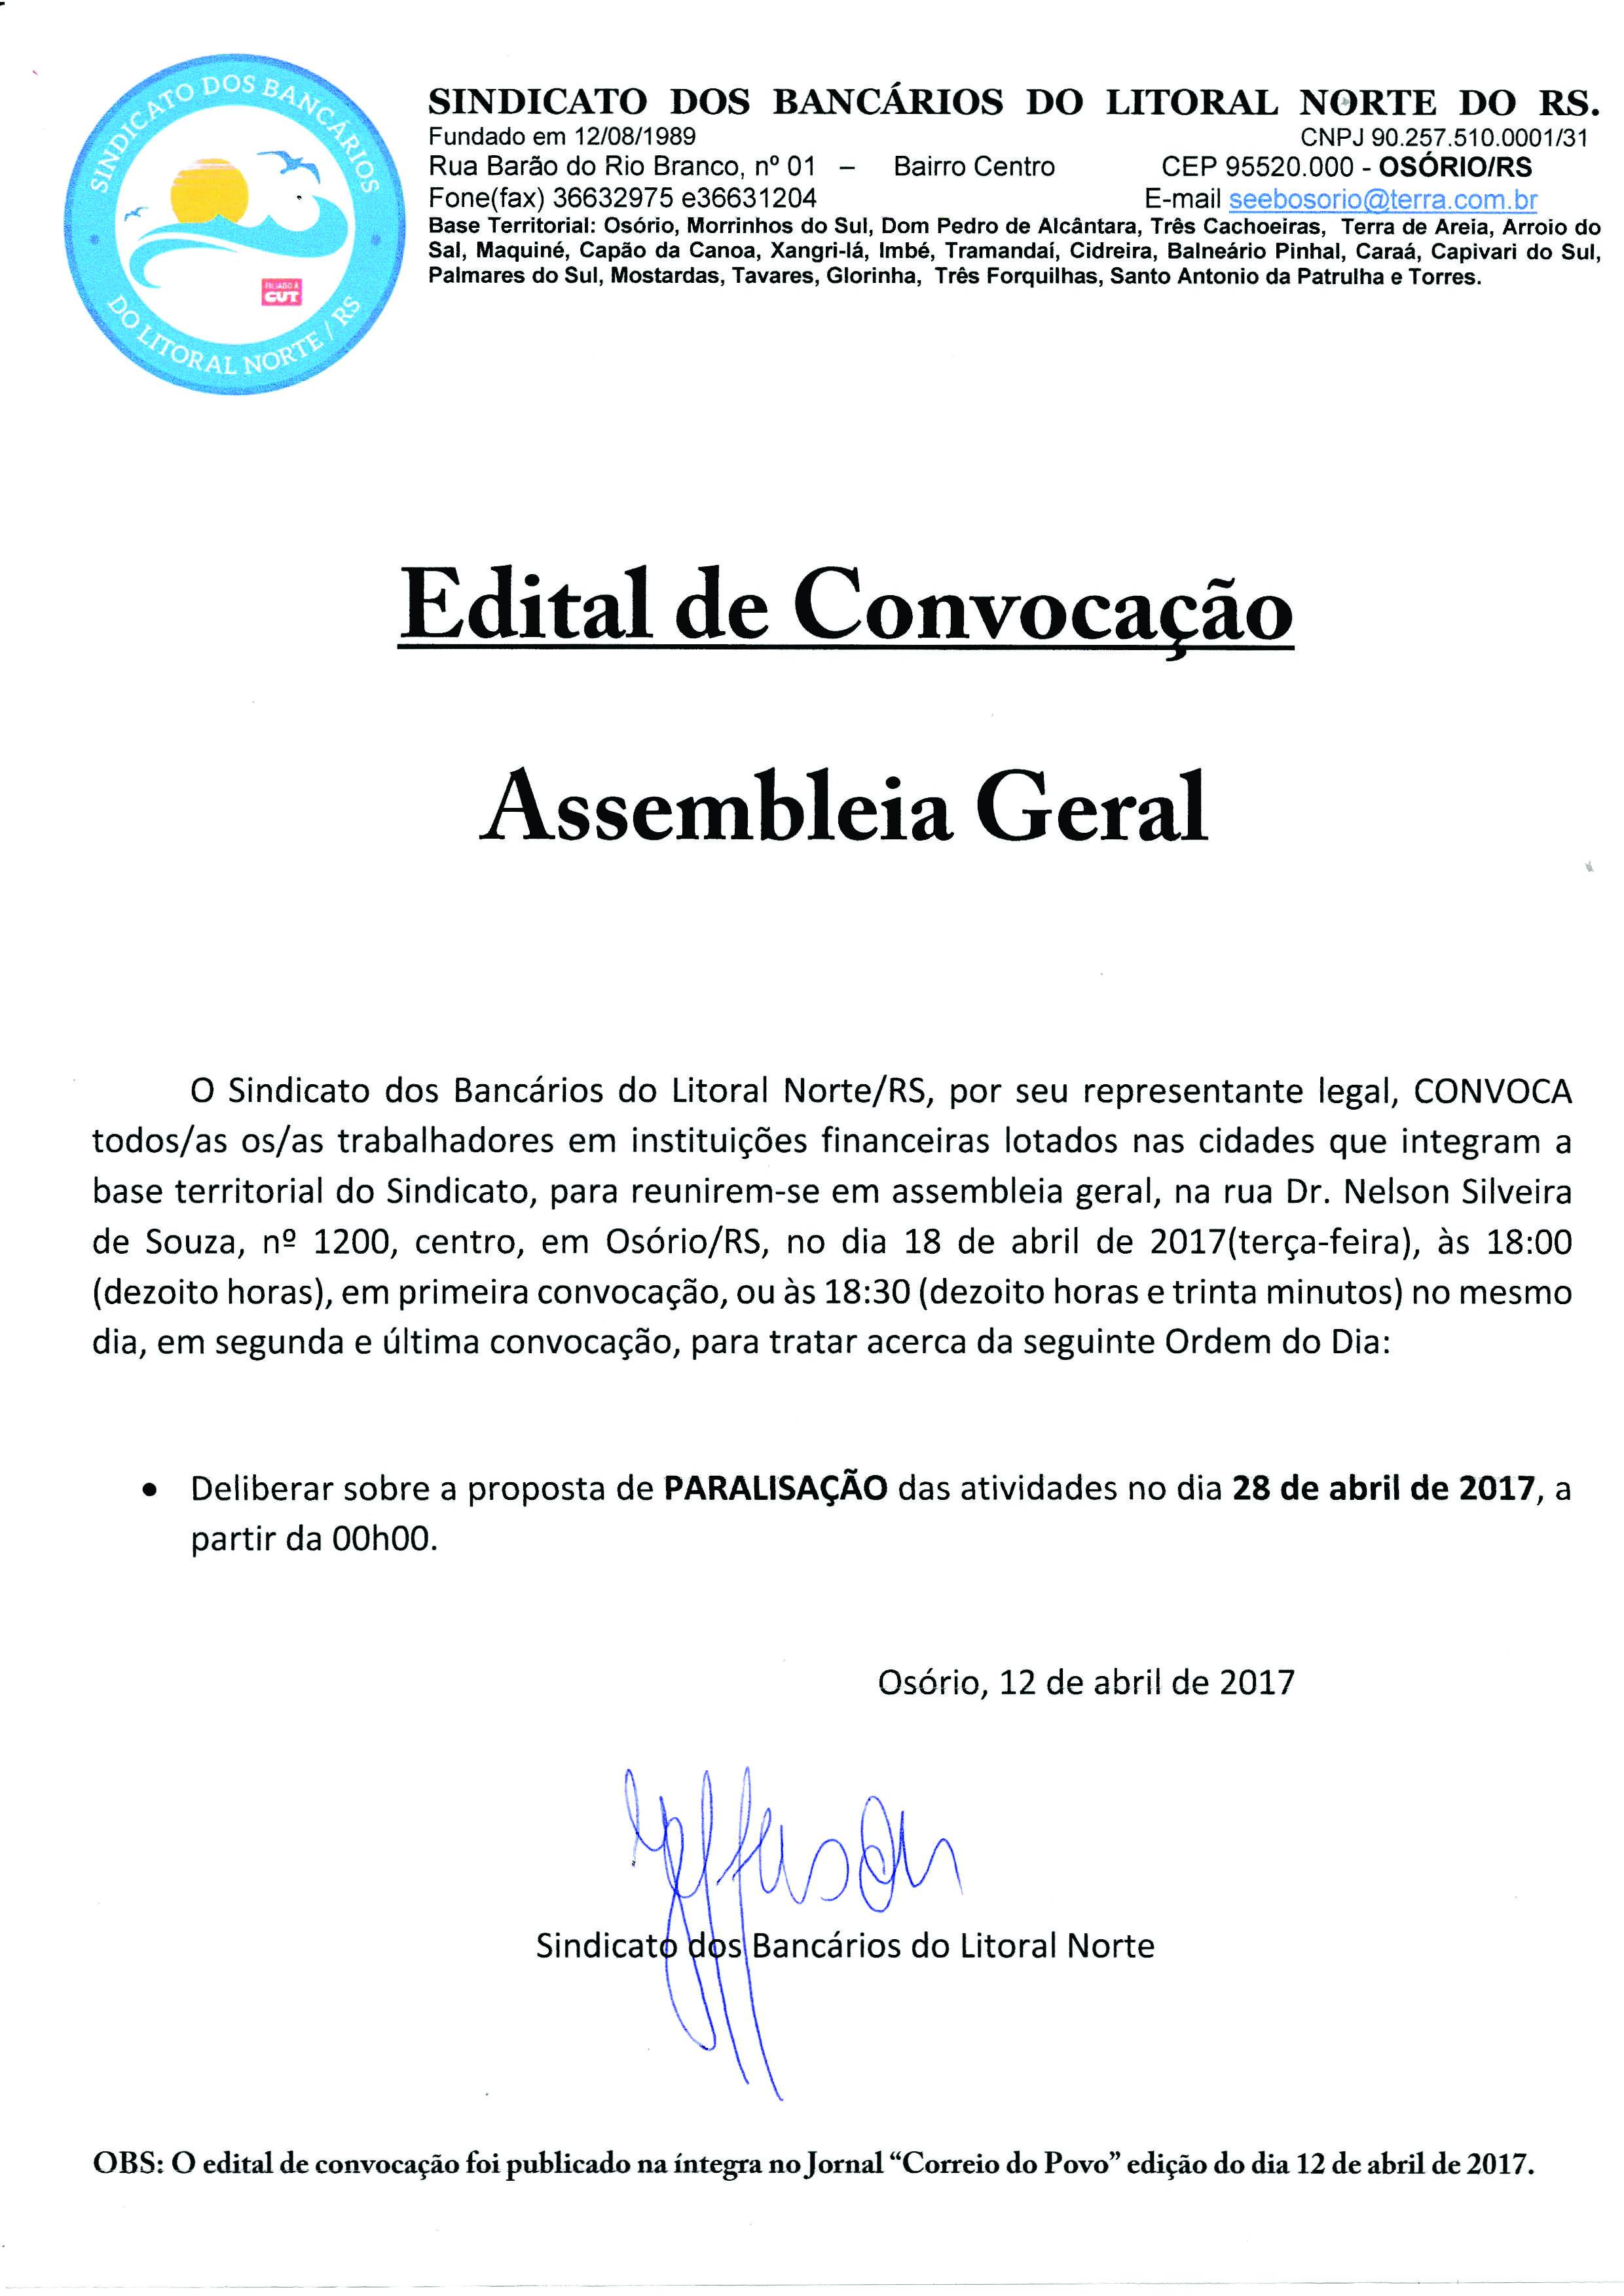 Edital de Convocação- Assembleia Geral 18/04